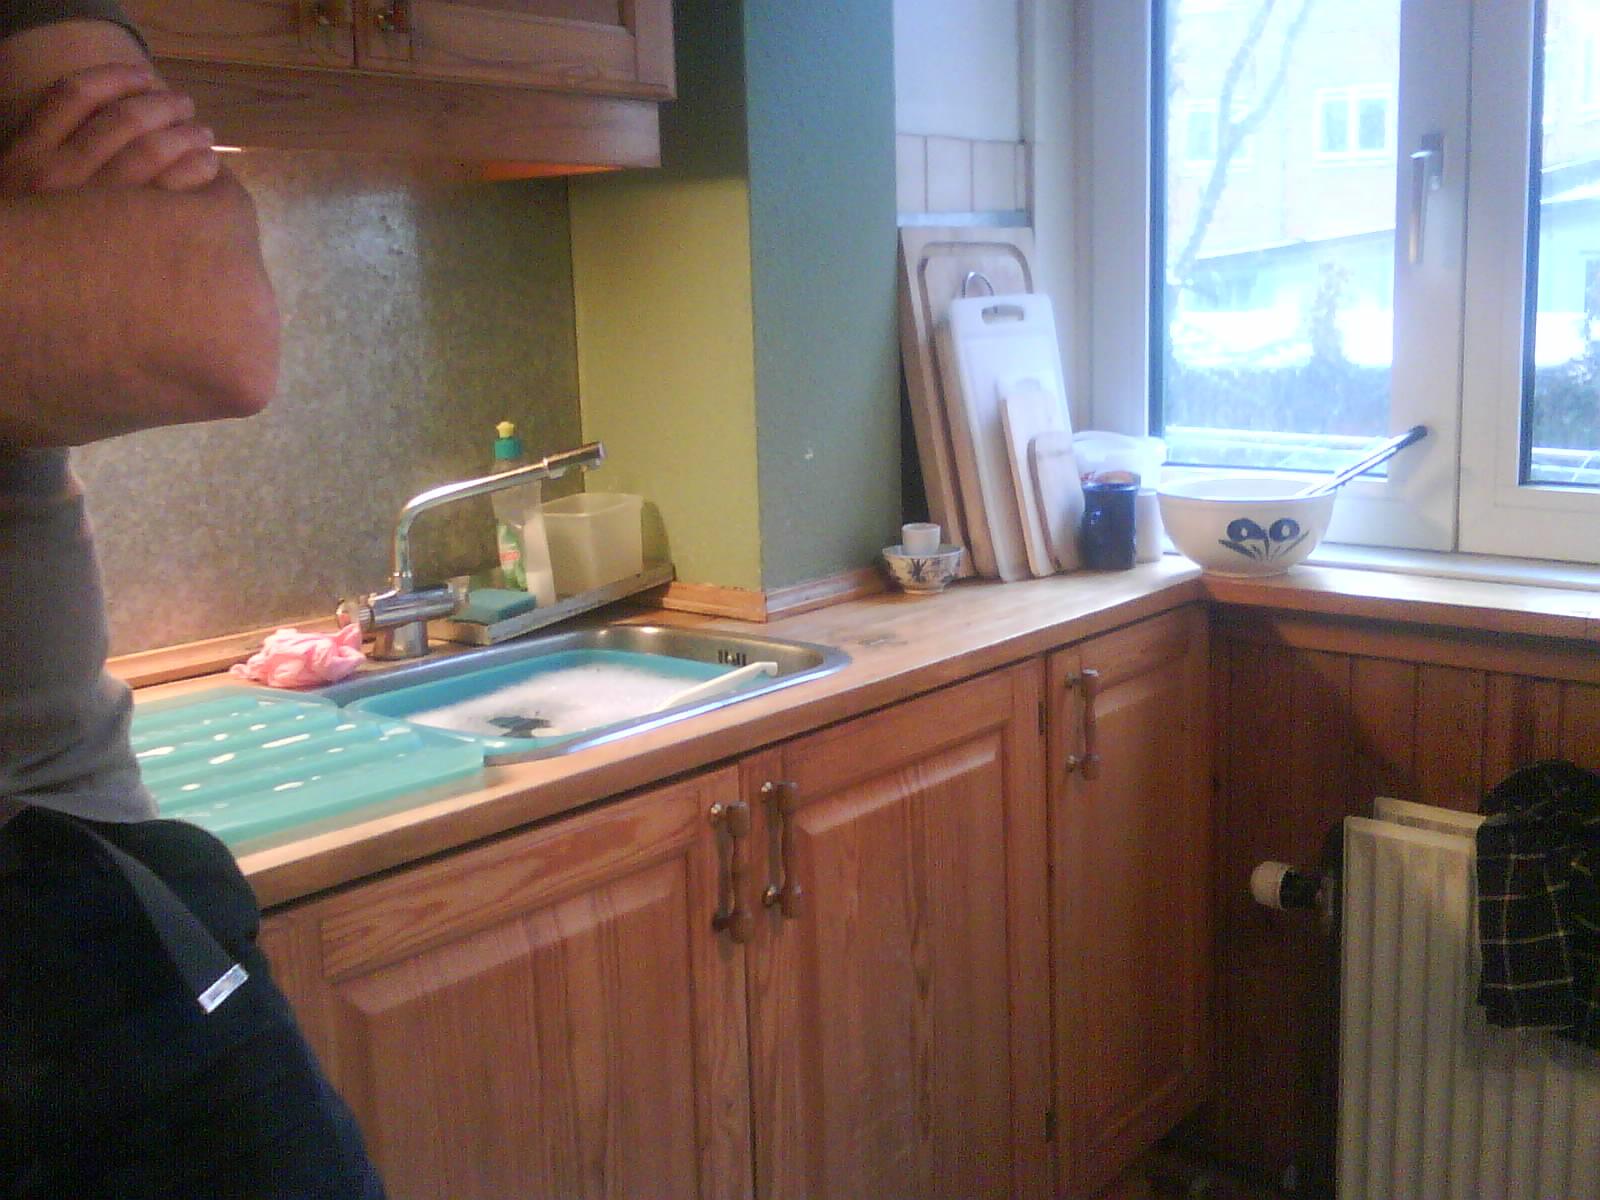 Renovering af køkken, Boligindretning, Indretningskonsulent ...